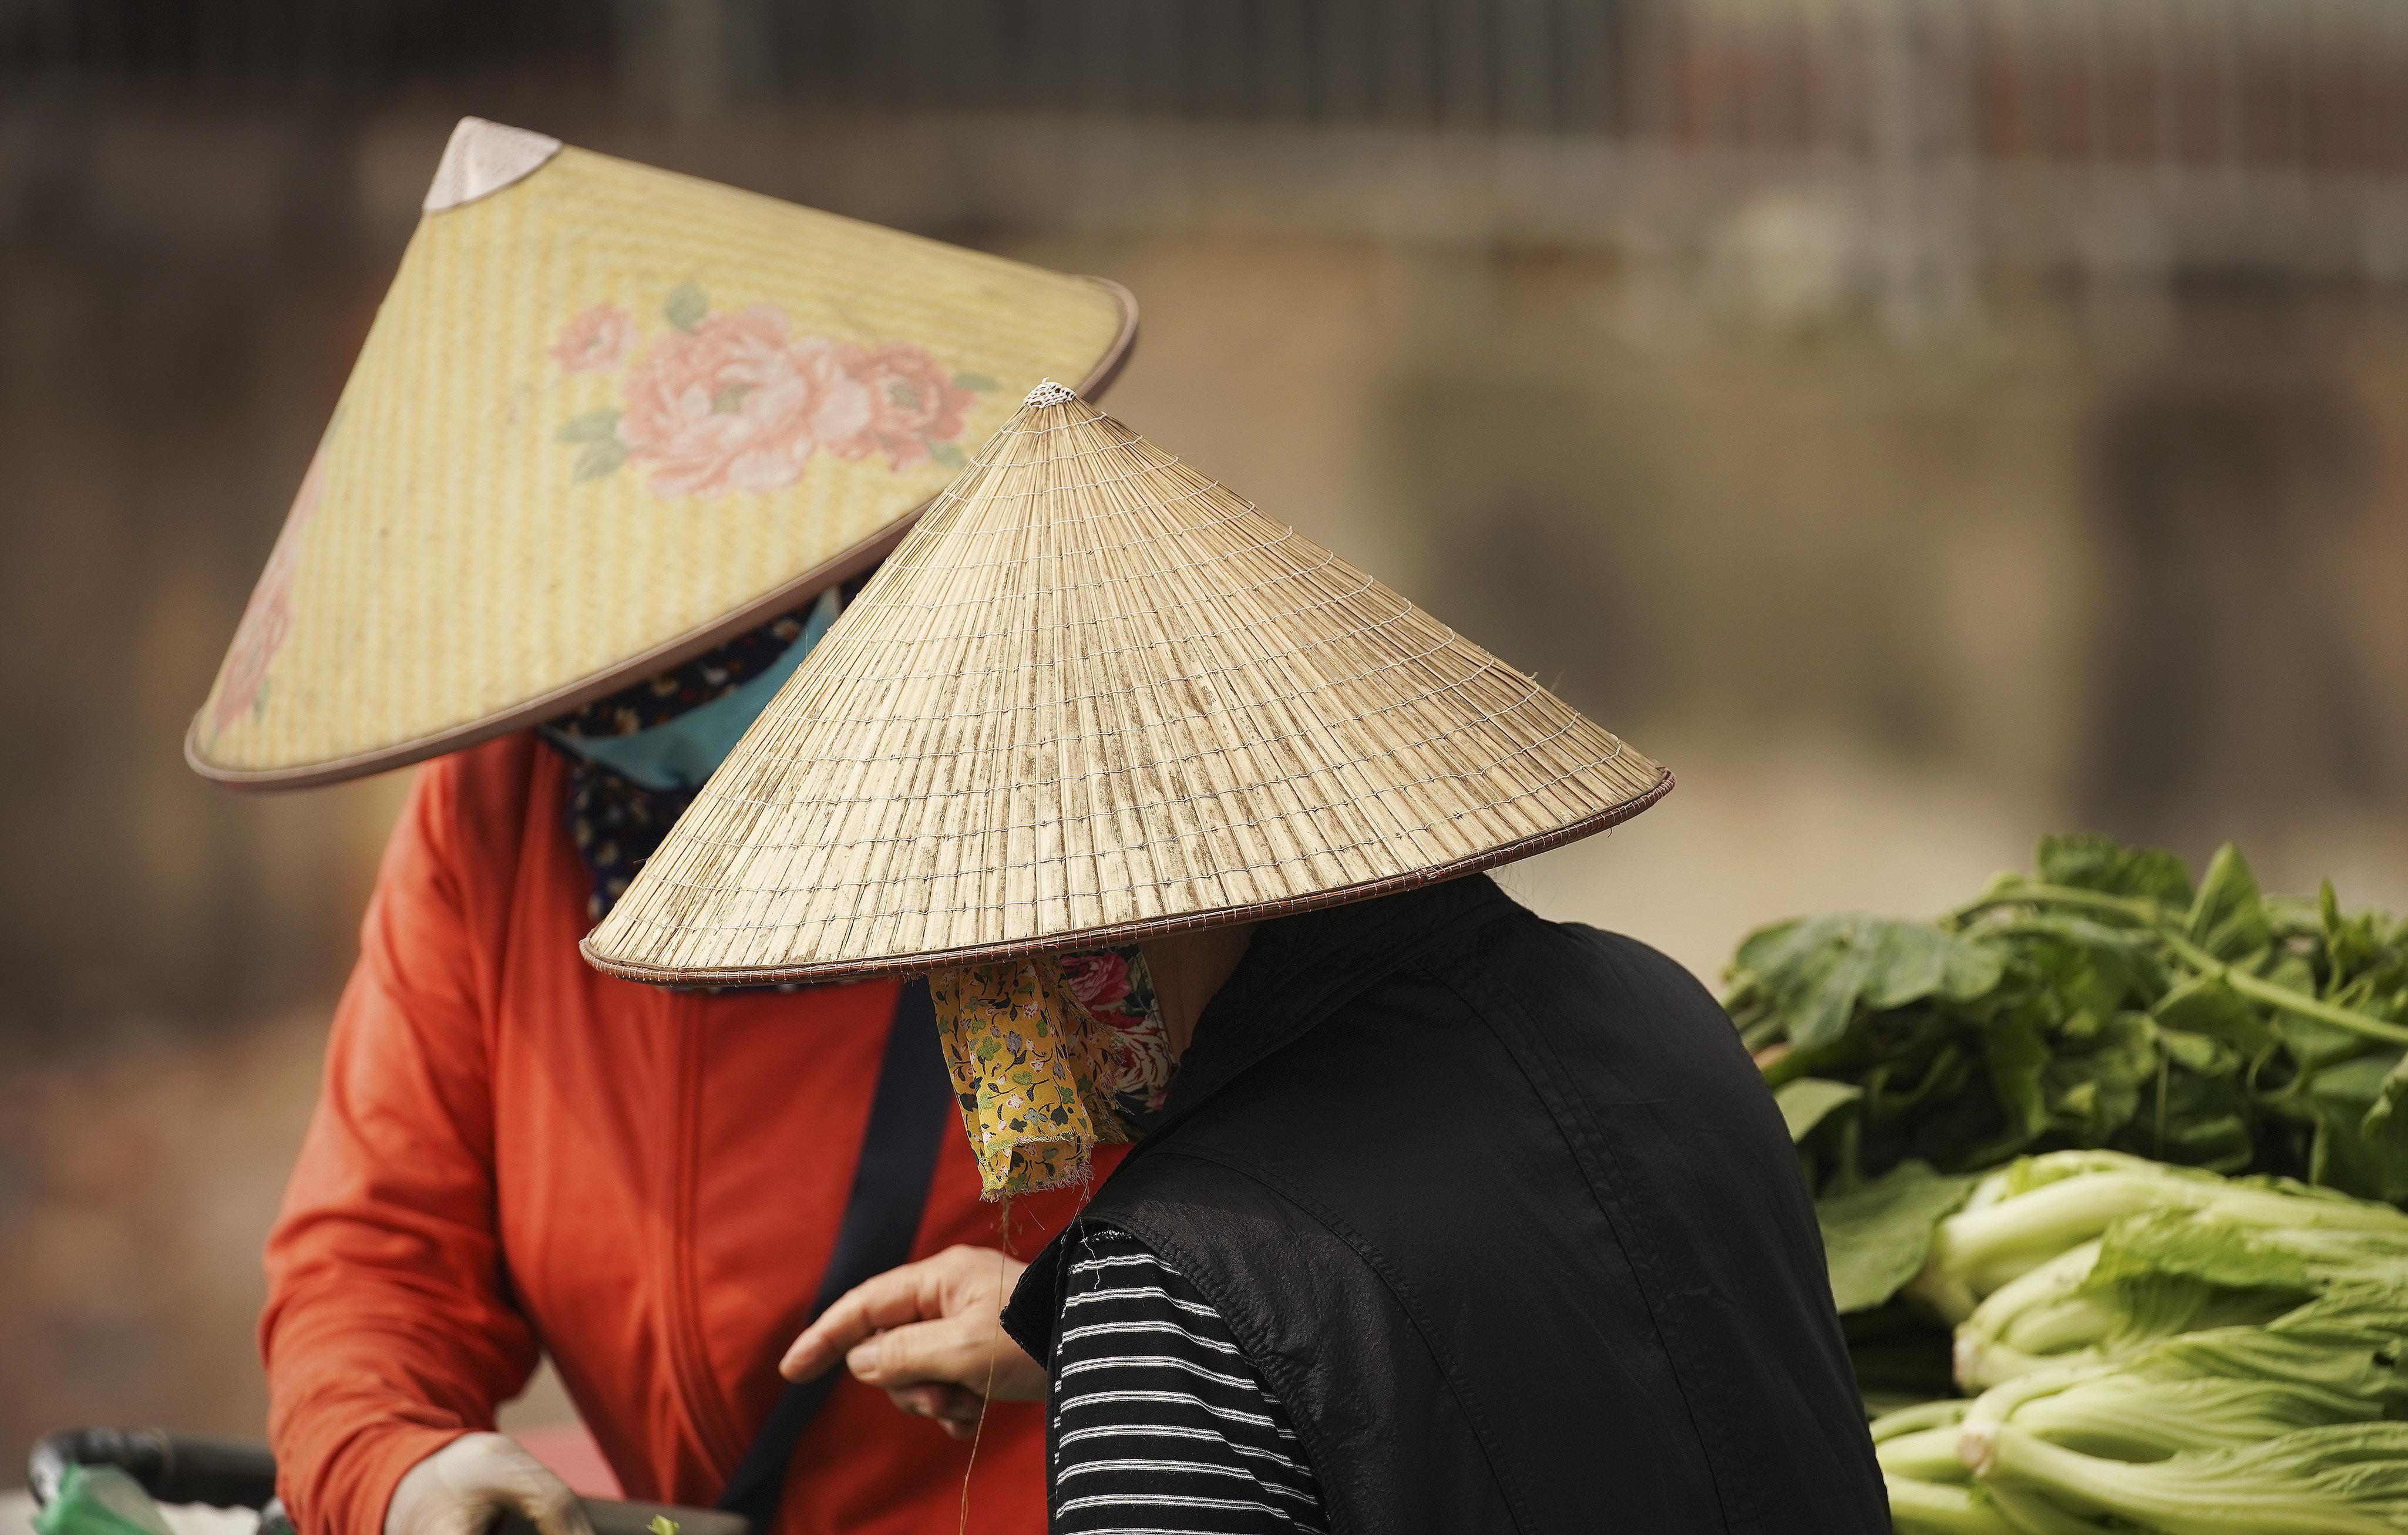 Women sell produce on the street in Hanoi, Vietnam on Saturday, Nov. 16, 2019.